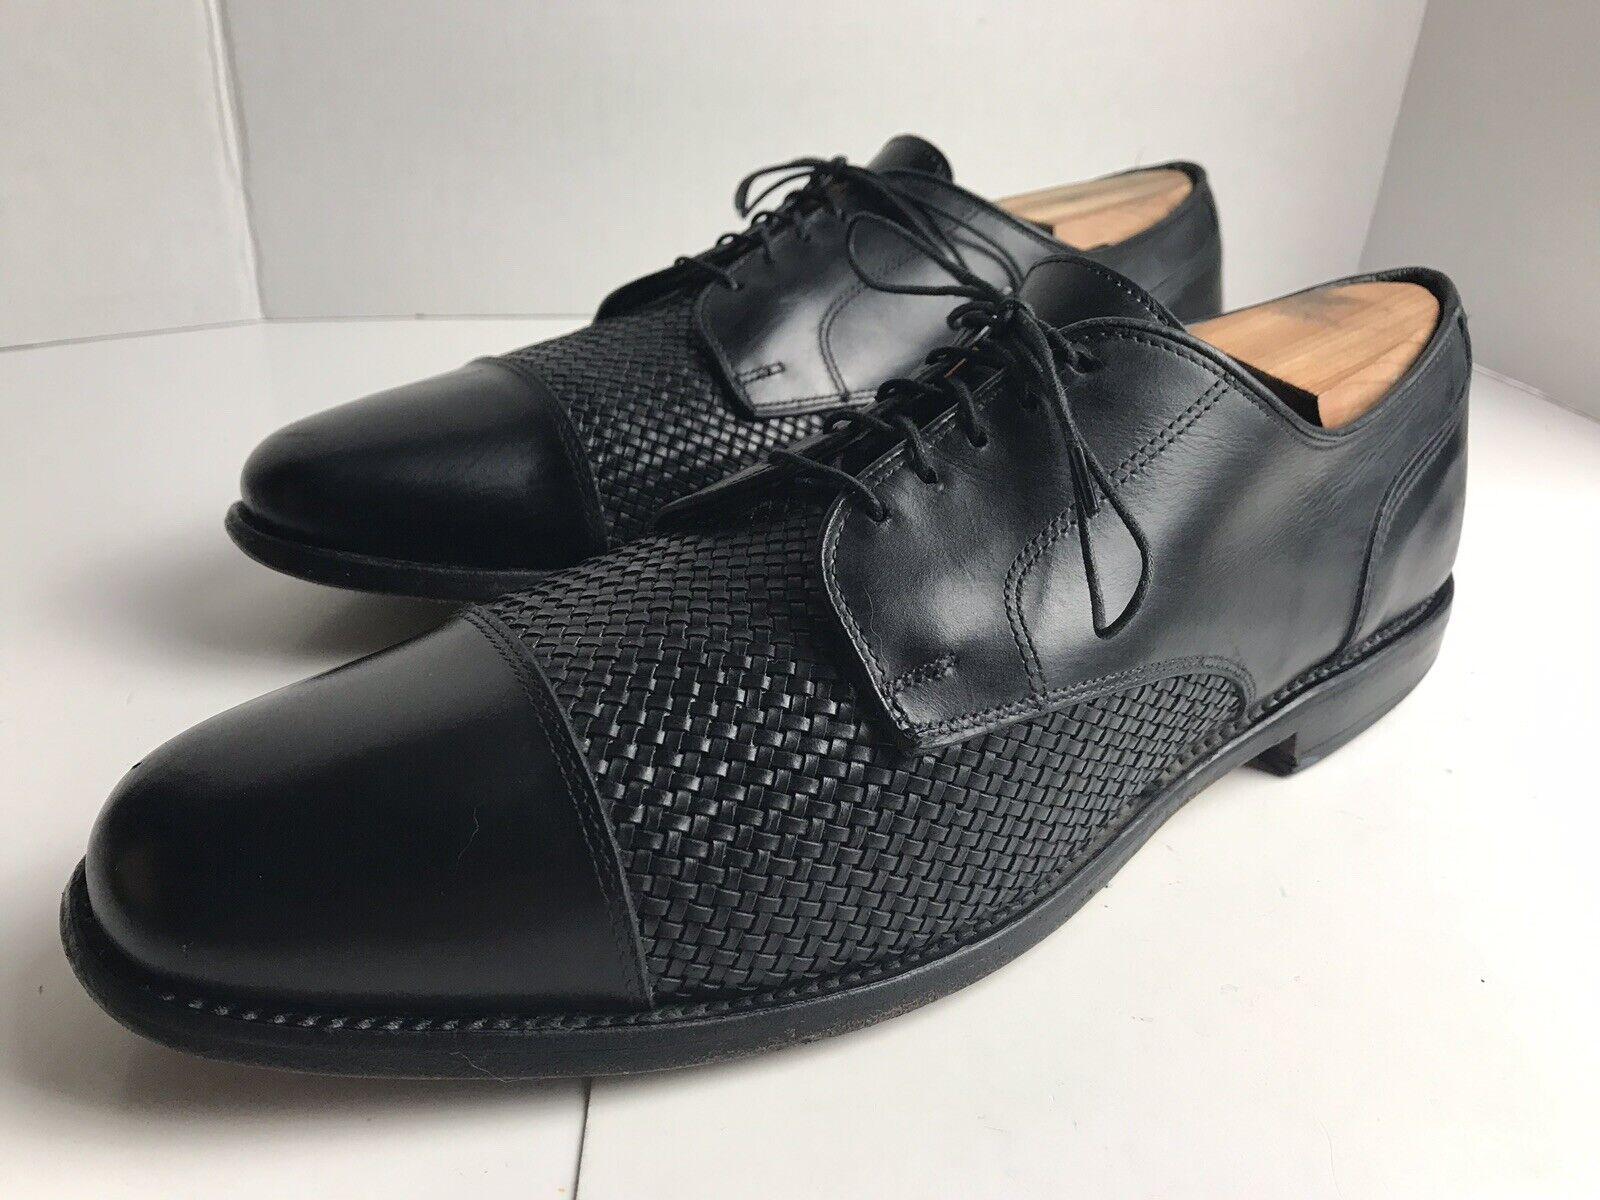 ALLEN EDMONDS Lauderdale homme noir en cuir tressé chaussures Cap Toe Taille 13 A